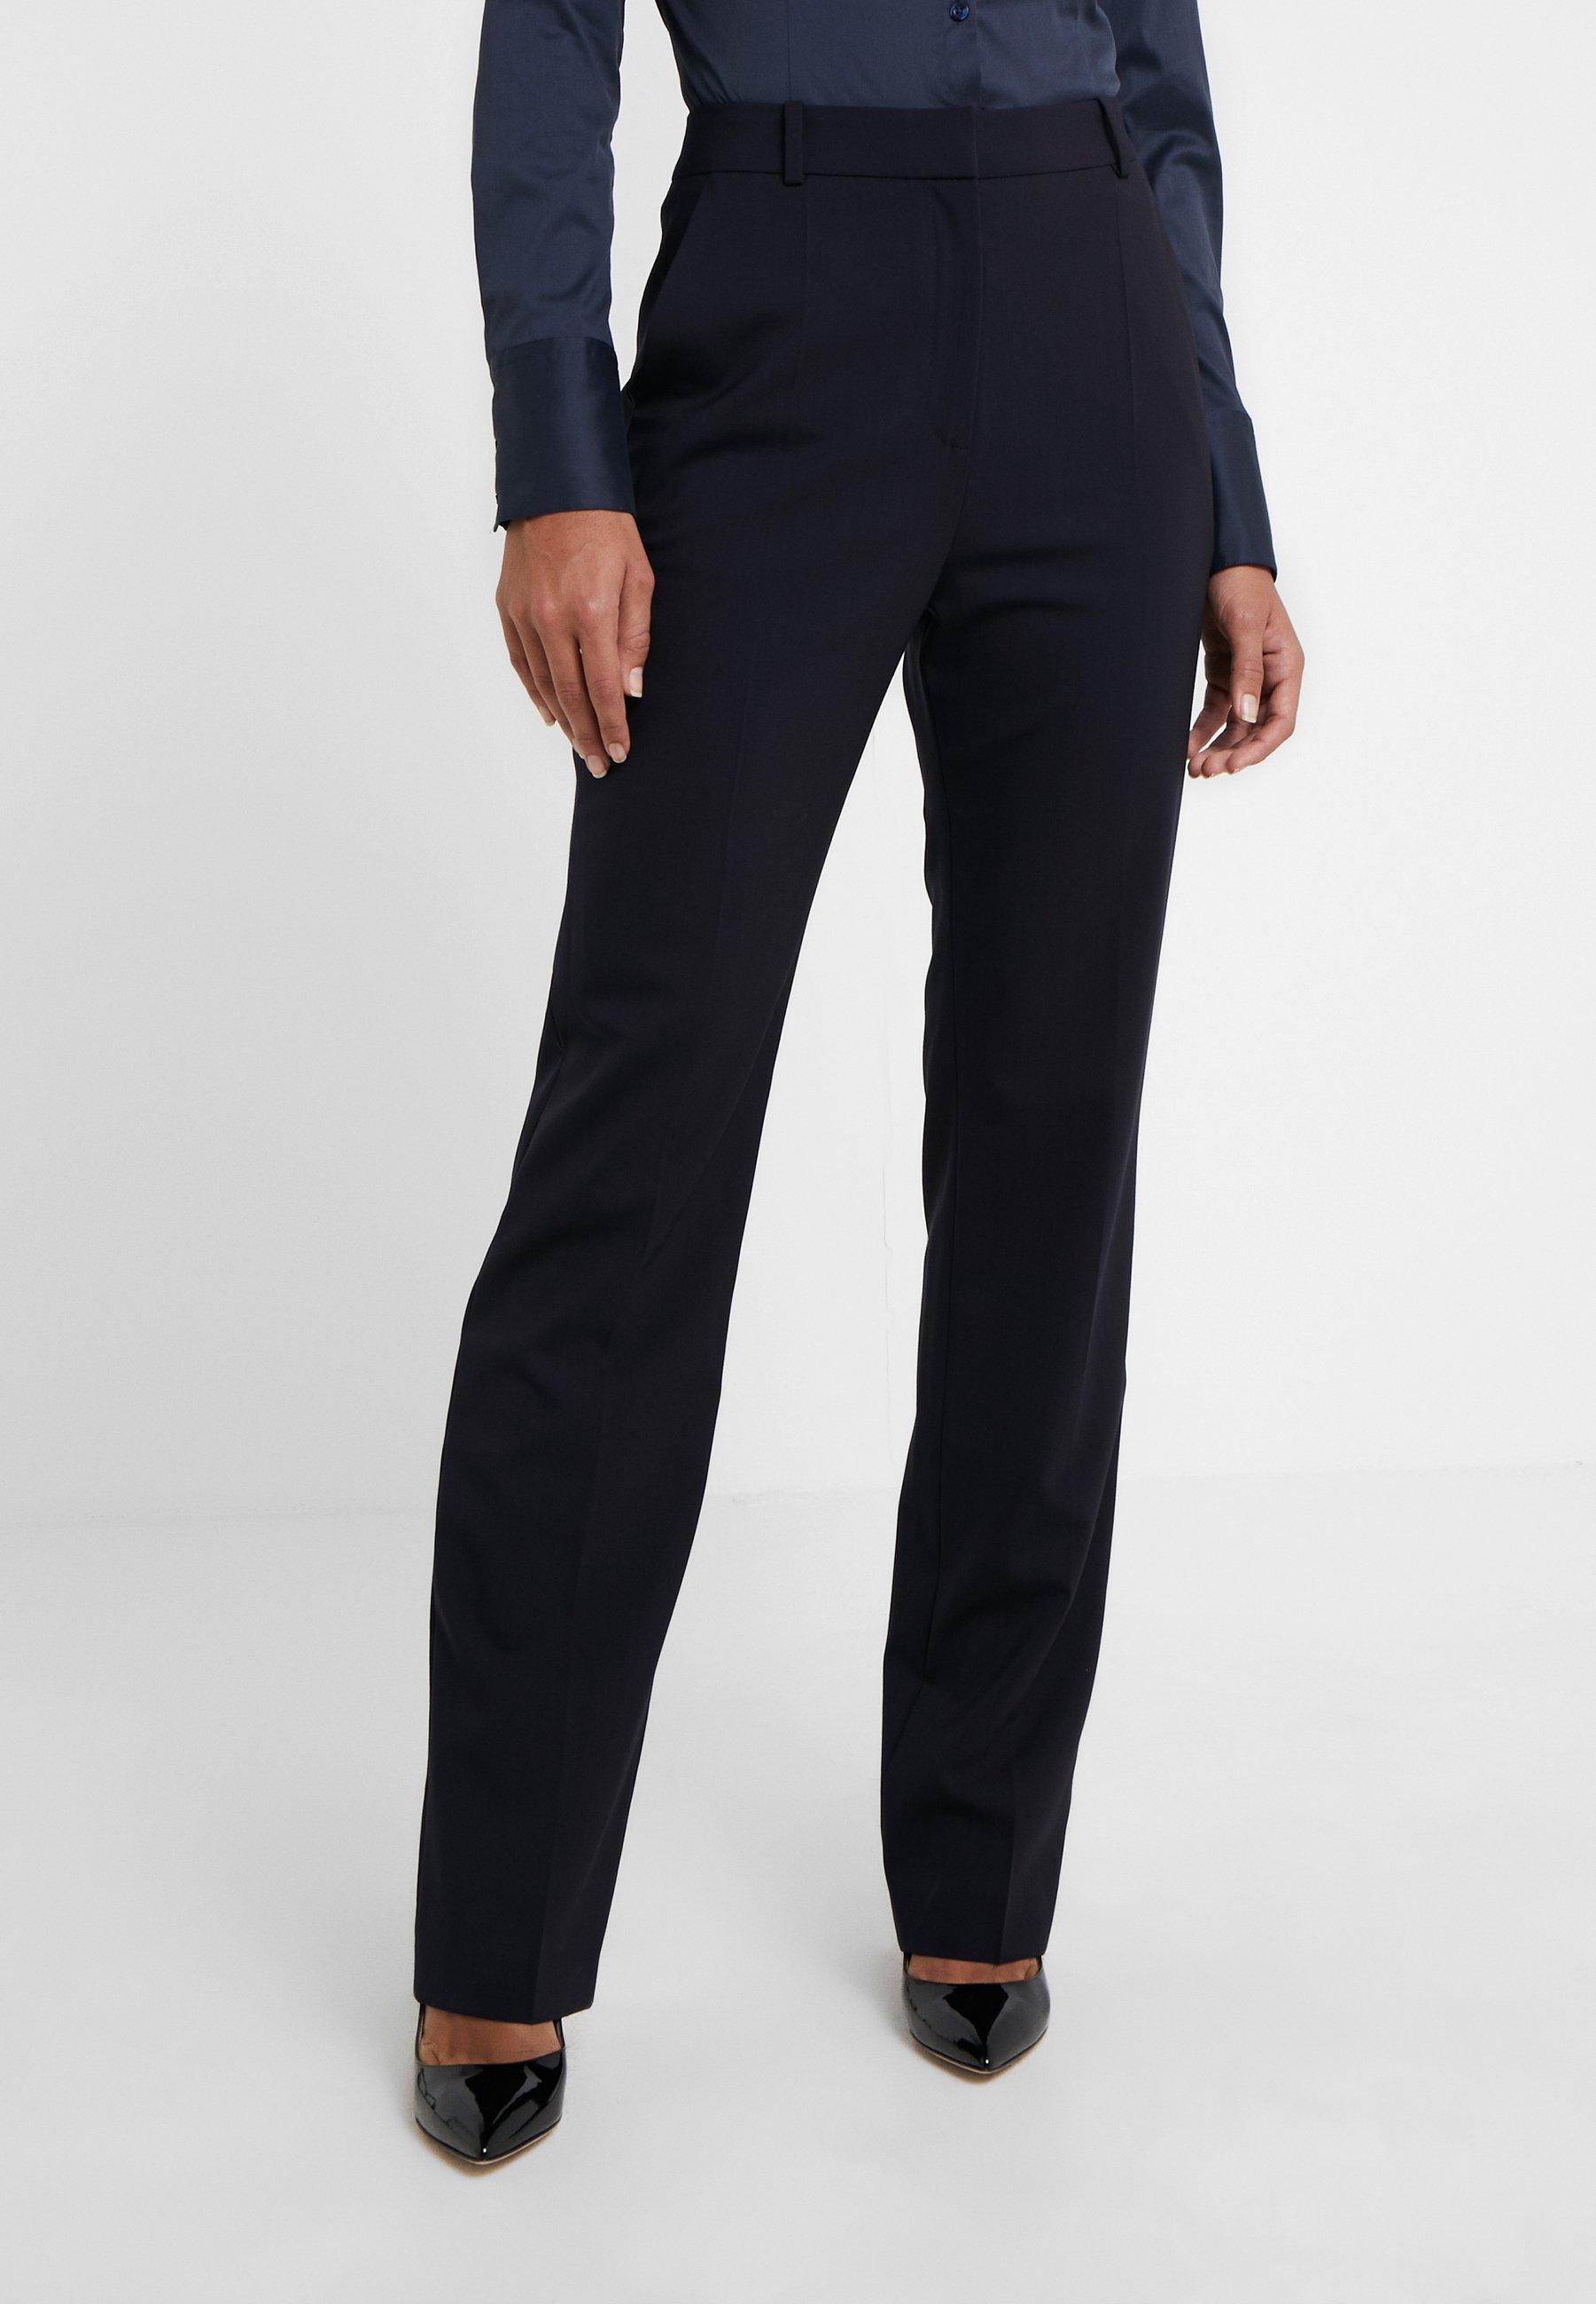 Femme THE REGULAR TROUSERS - Pantalon classique